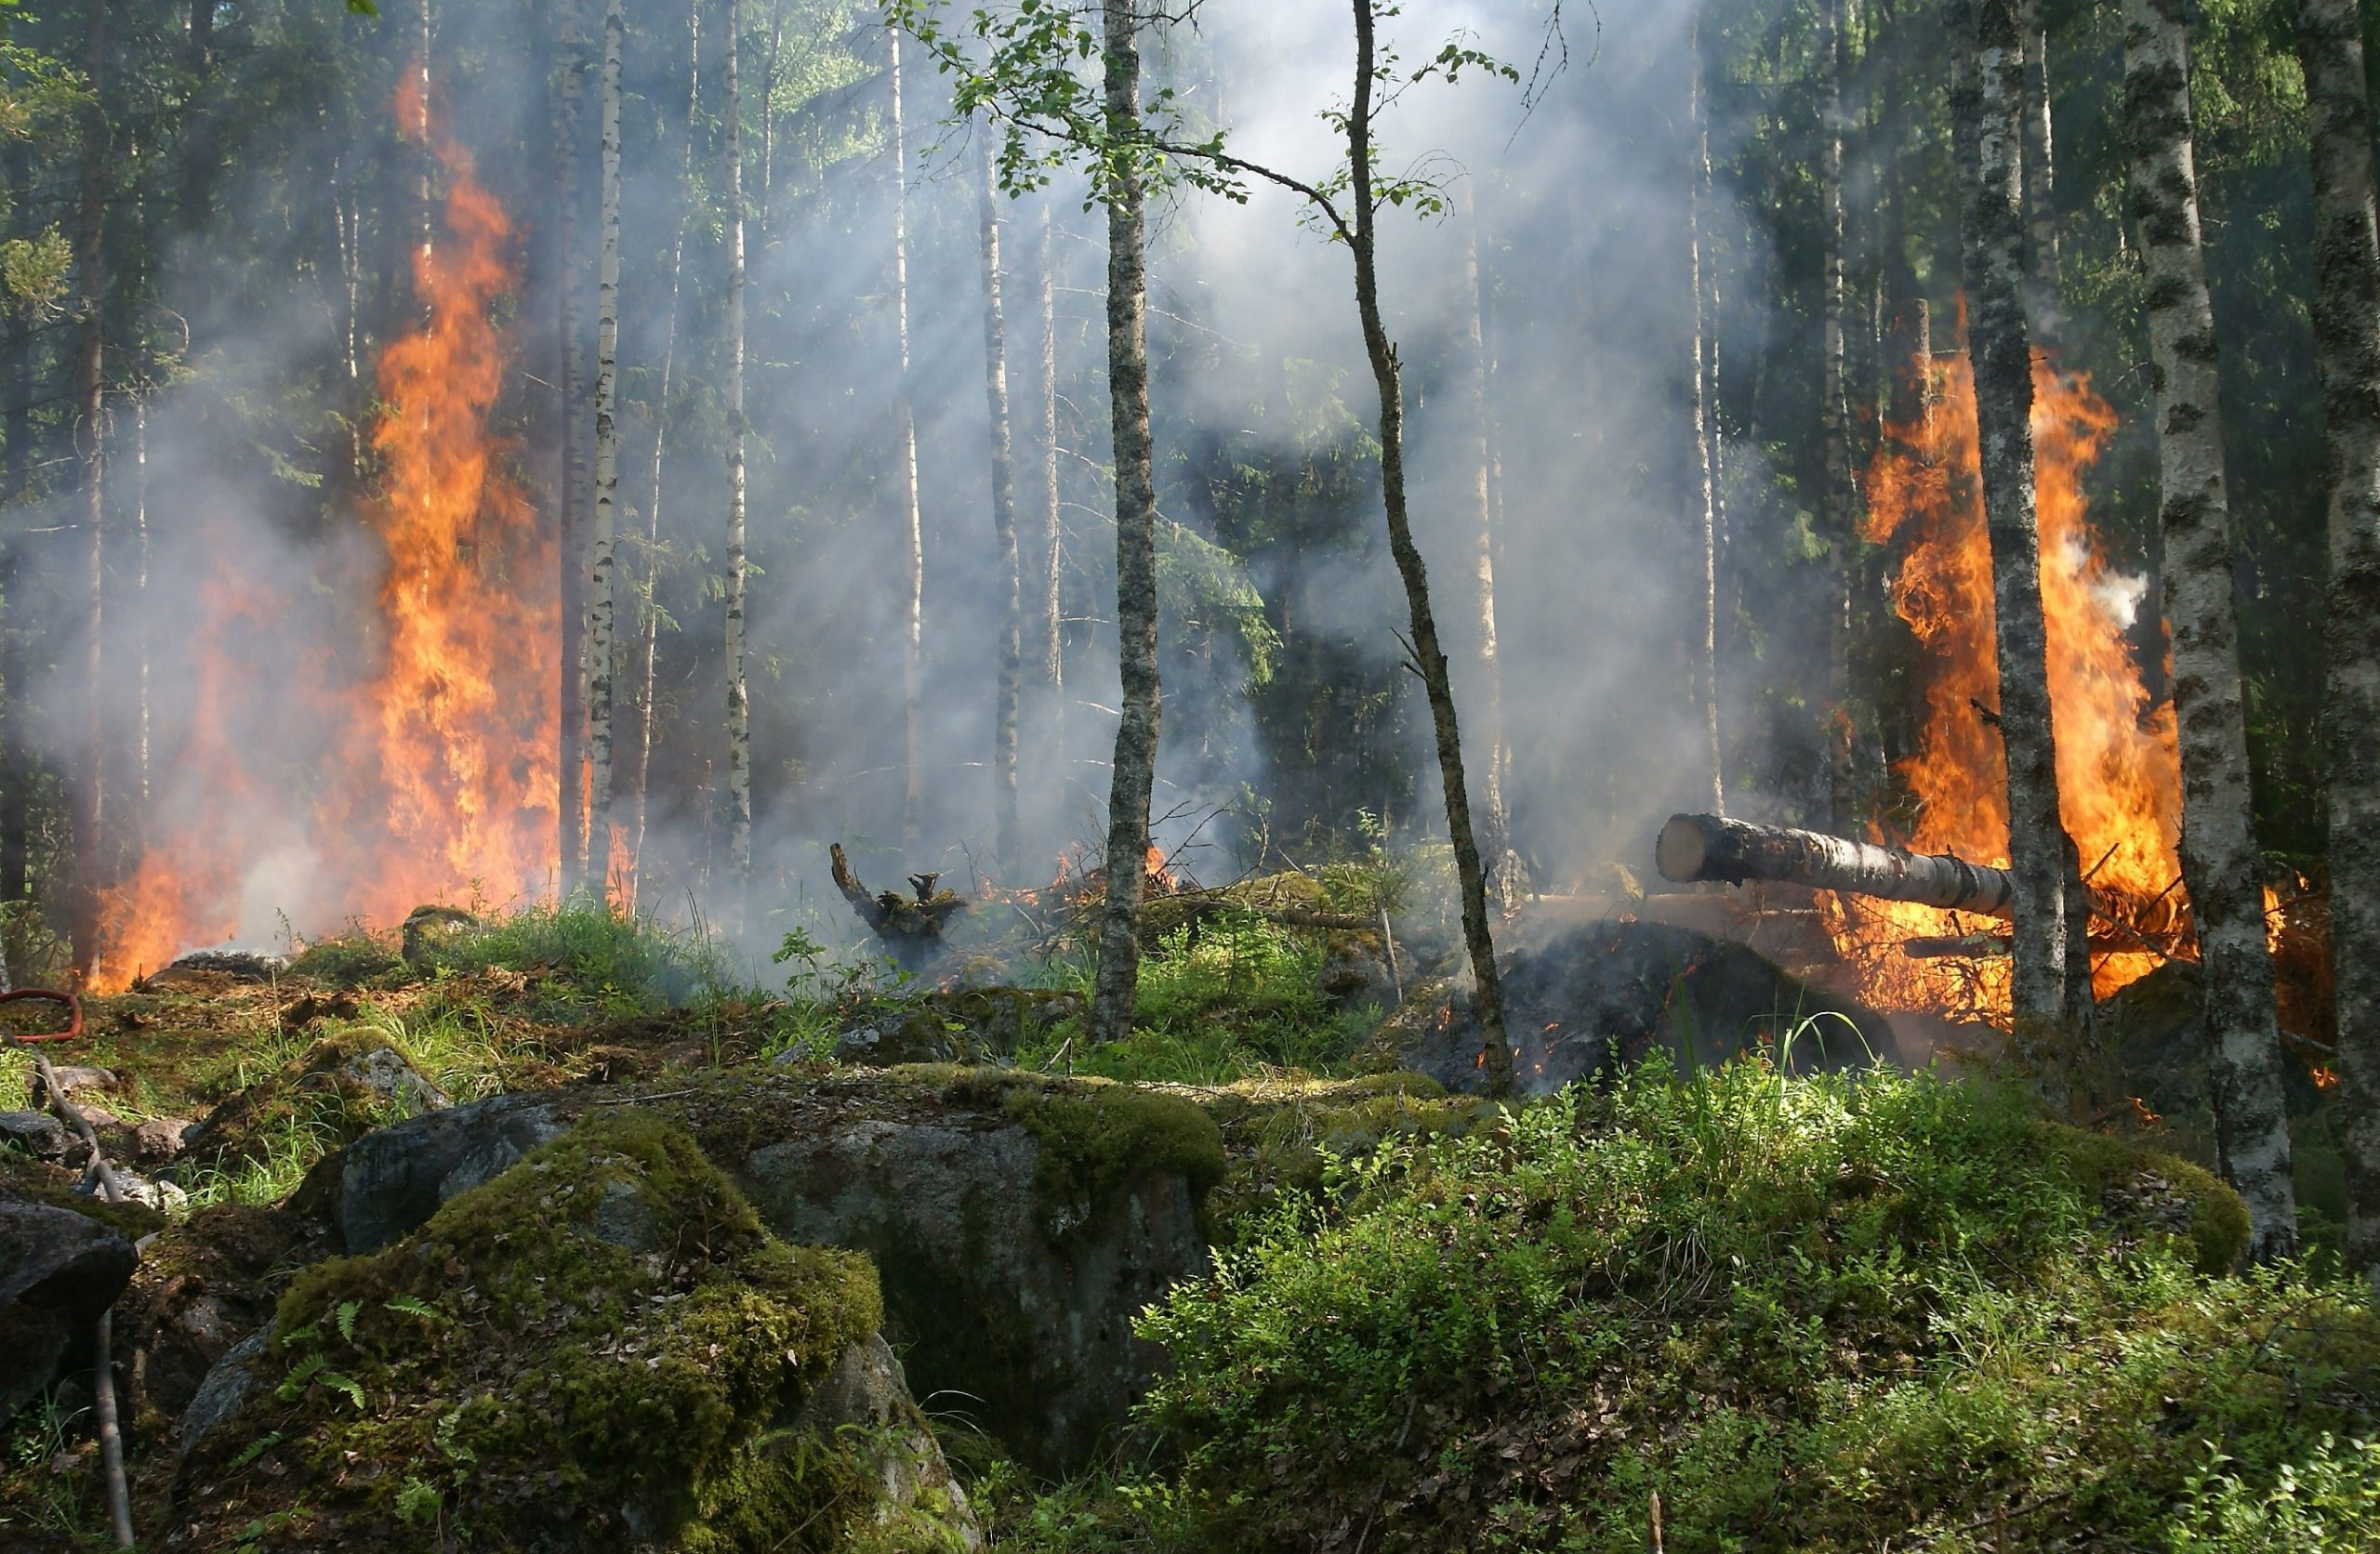 Incendios forestales ¿por dónde empezamos a restaurar?